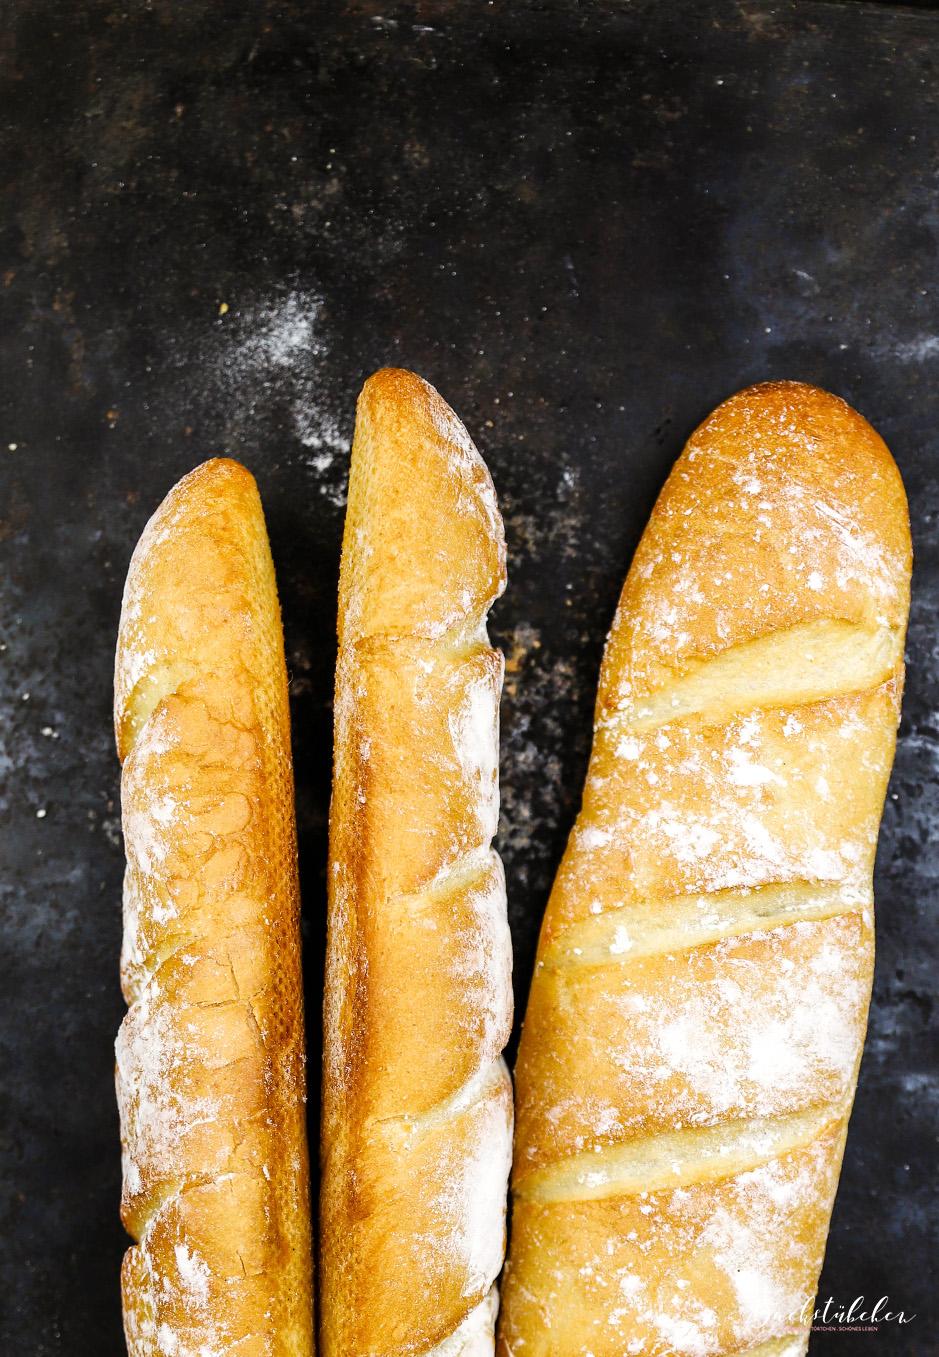 Außen schön knusprig und innen schön weich: So muss das Baguette für das Original New Yorker Pastrami Sandwich sein